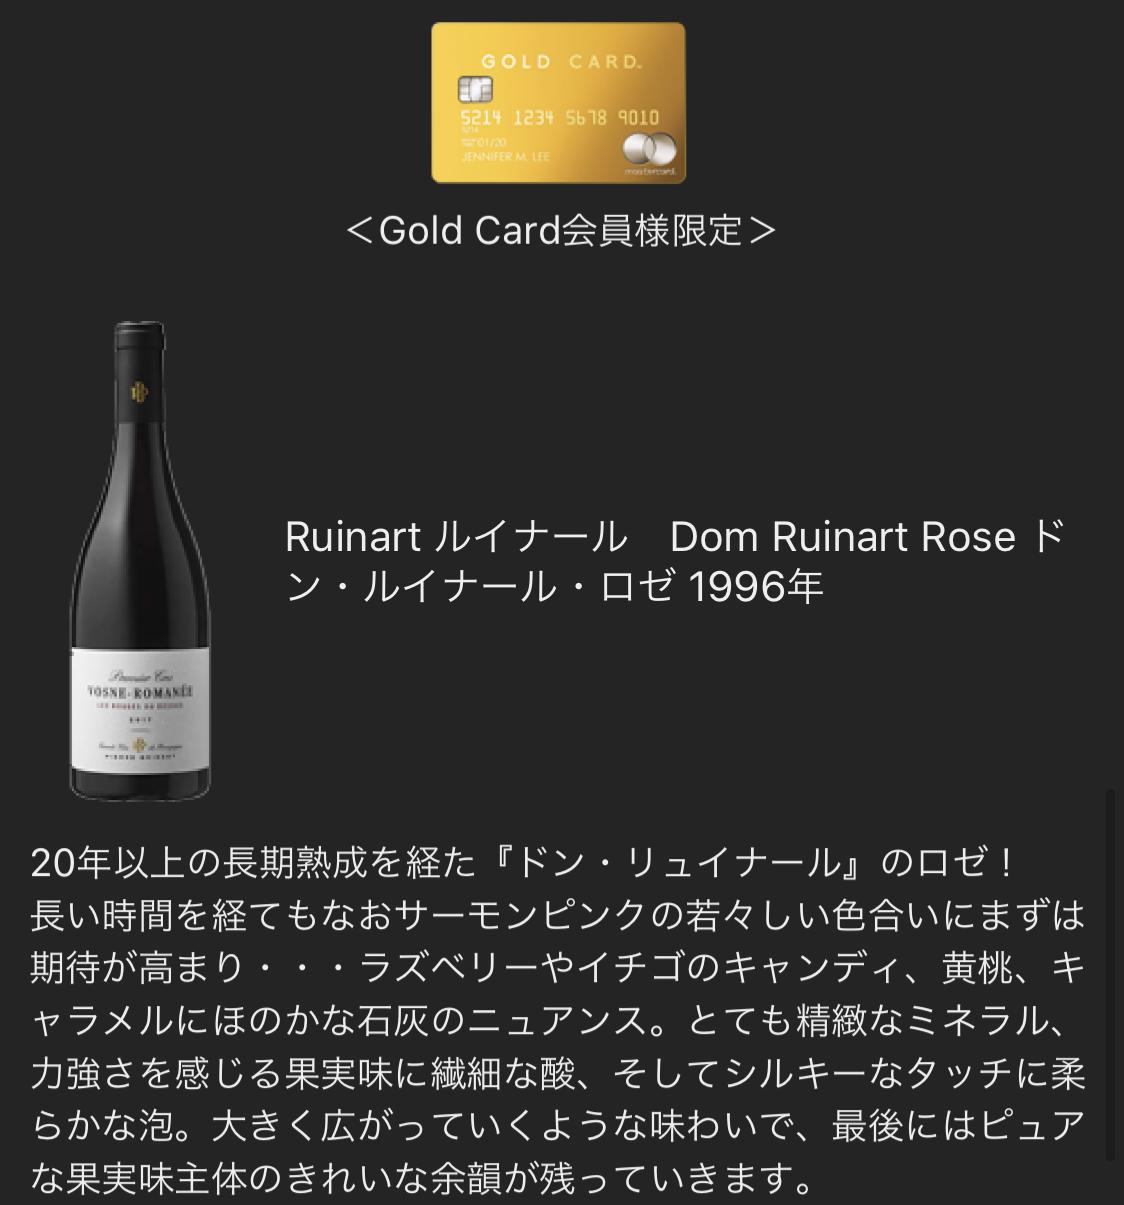 フォーシーズンズホテル東京でのラグジュアリーソーシャルアワー (2019年12月) (ゴールドカード)